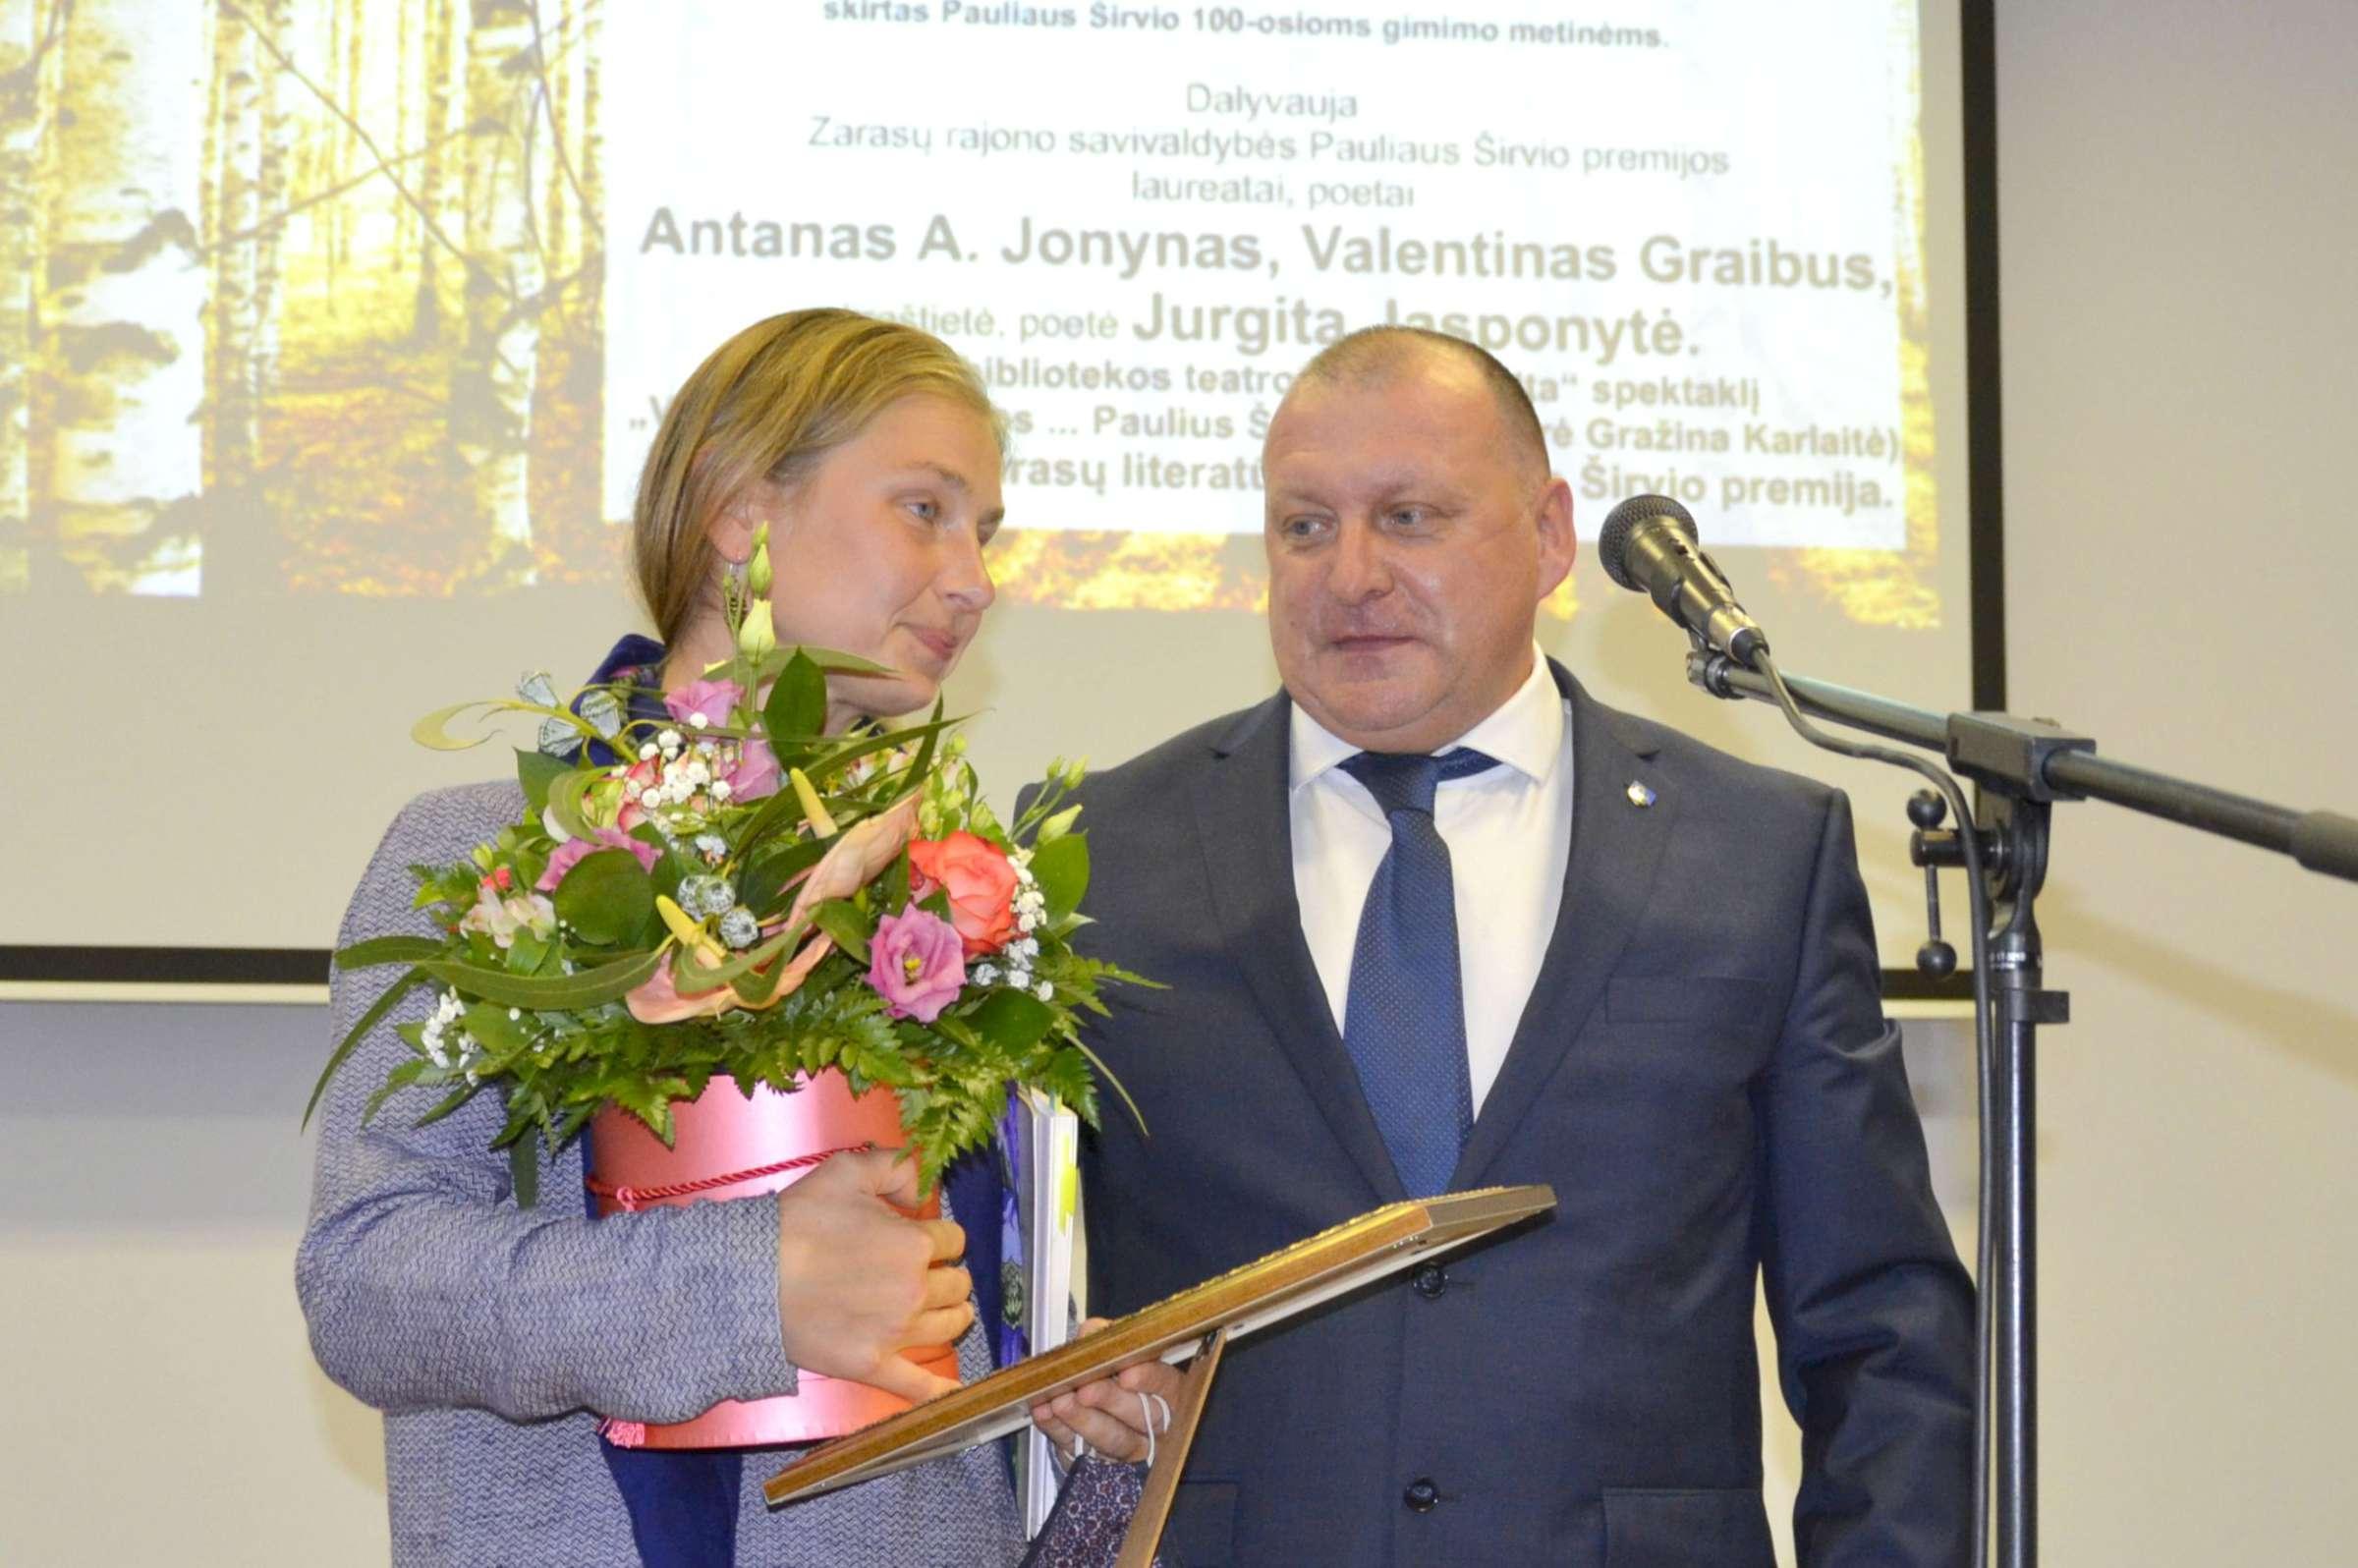 P. Širvio premijos įteikimas poetė Jurgita Jasponytė ir Zarasų rajono meras Nikolajus Gusevas | rengėjų nuotr.